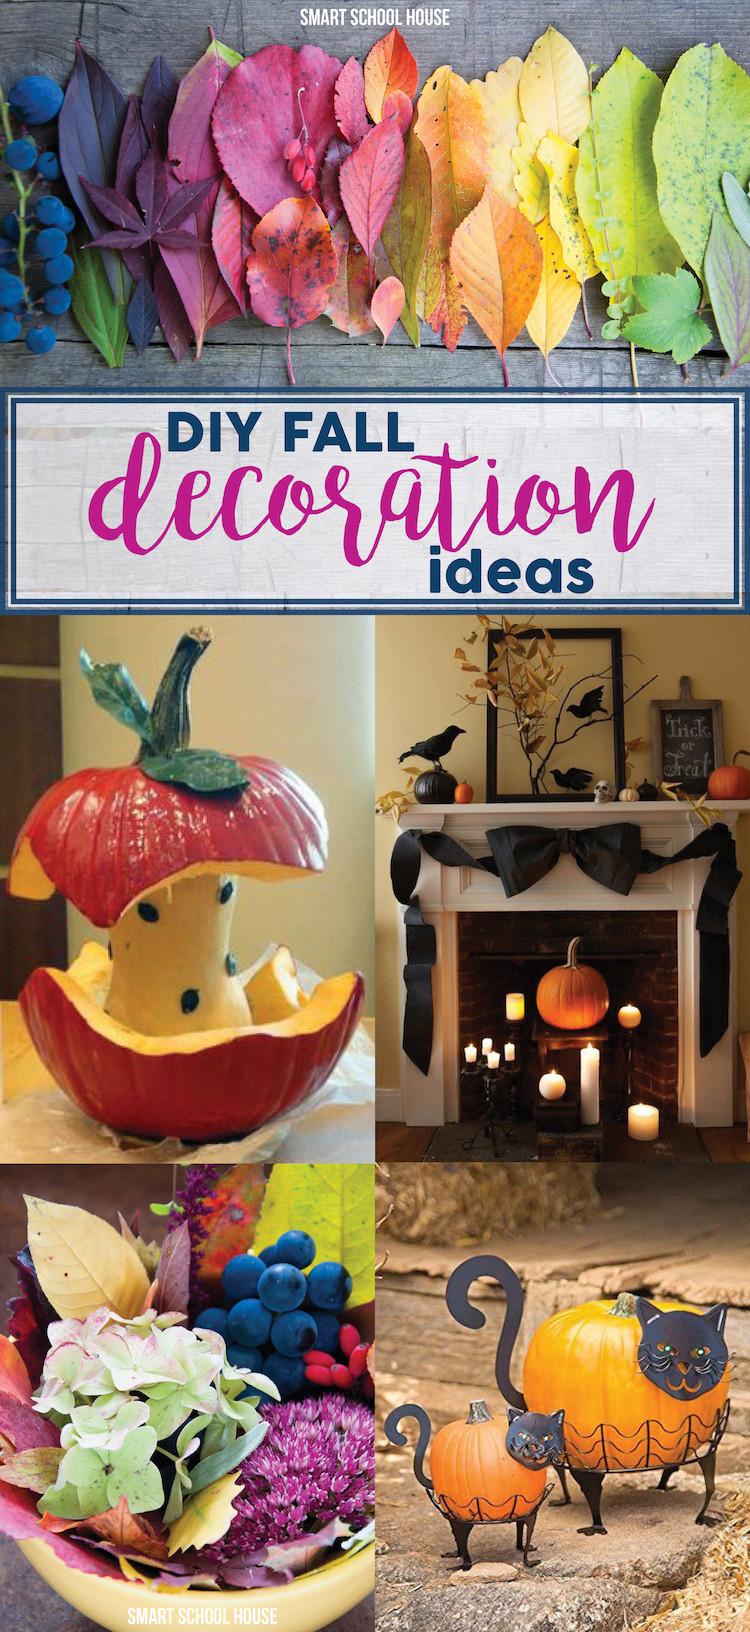 Fall Decorating Ideas DIY  DIY Fall Decoration Ideas Smart School House